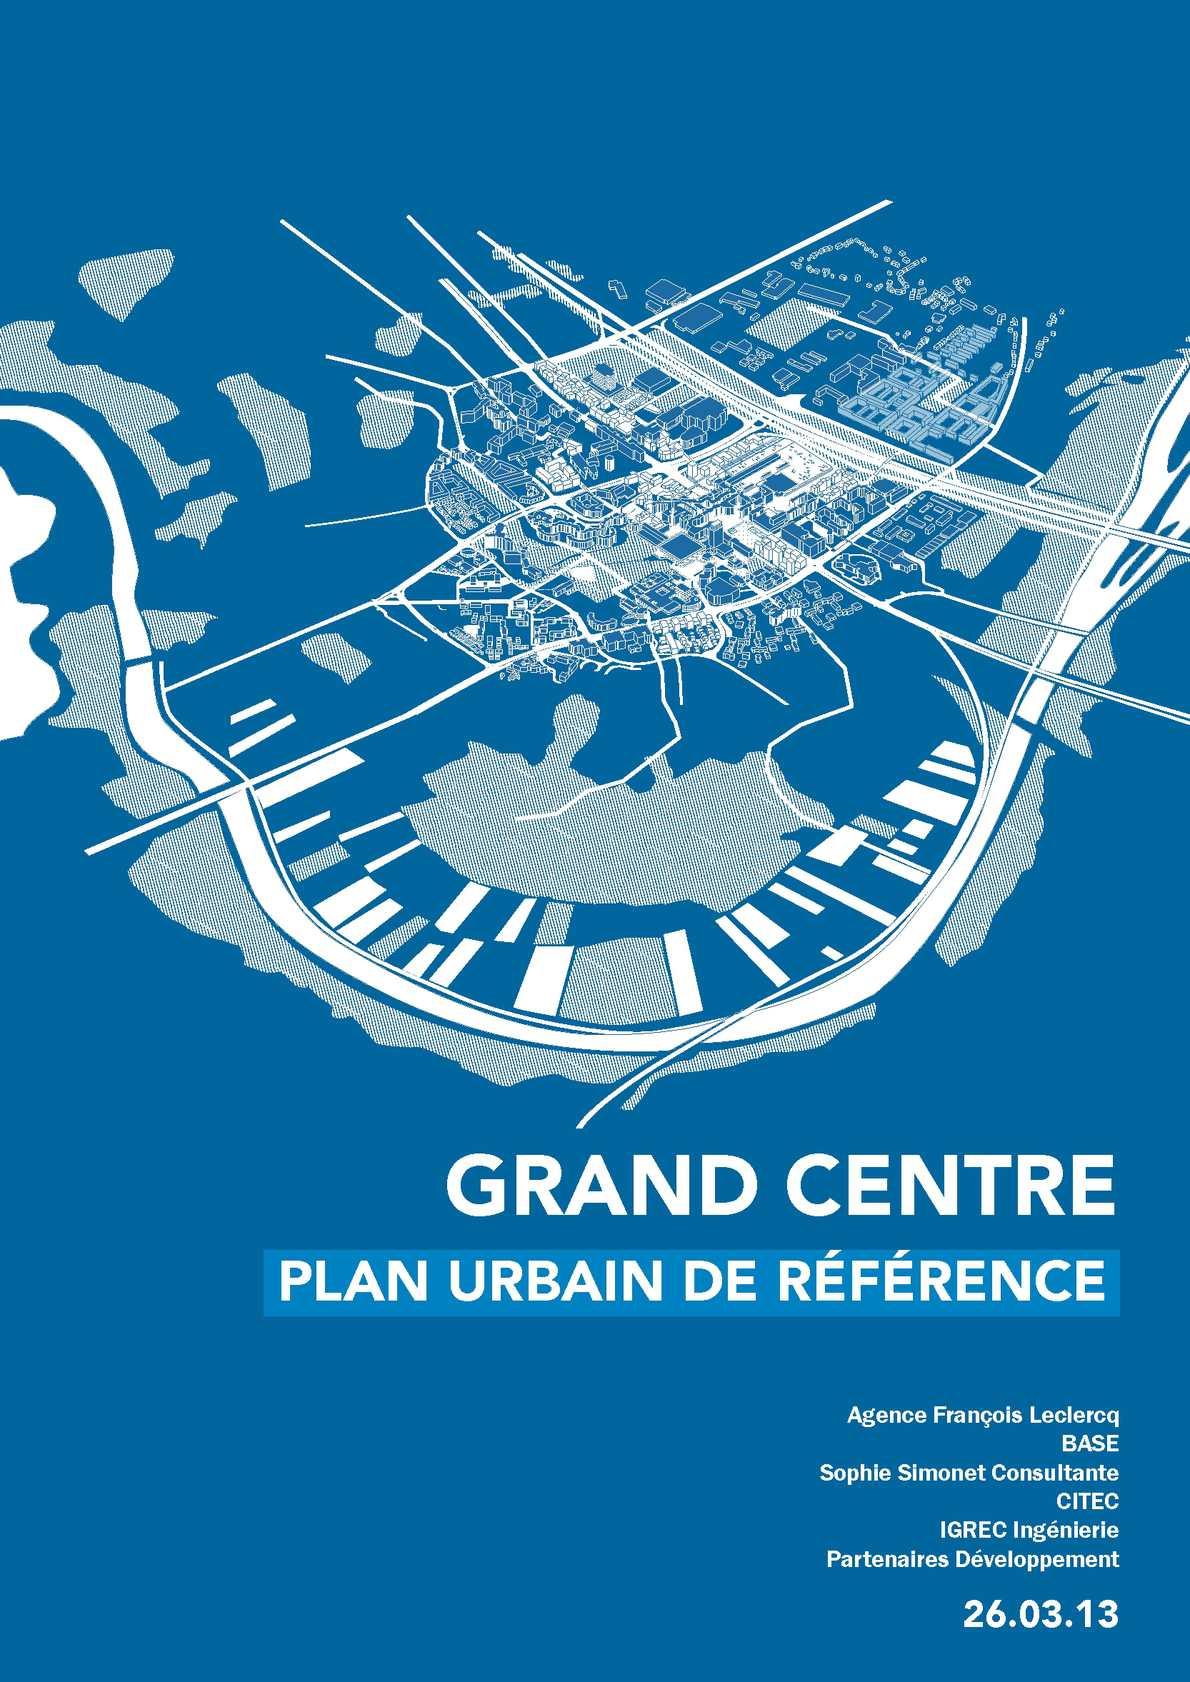 Grand Centre - Plan urbain de référence